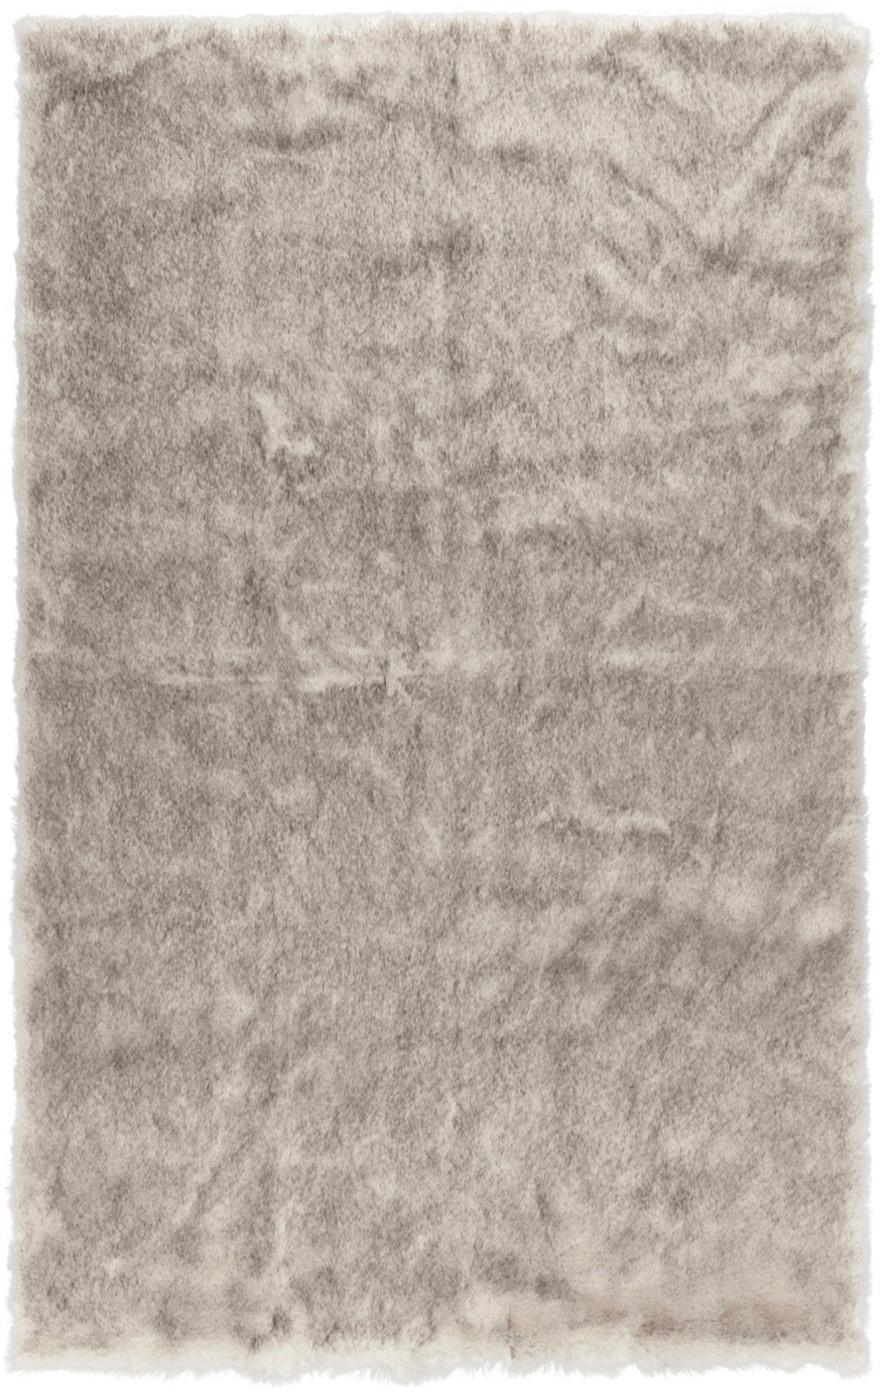 Flauschiger Hochflor-Teppich Superior aus Kunstfell, Flor: 95% Acryl, 5% Polyester, Creme,Beige,Weiß, B 180 x L 280 cm (Größe M)